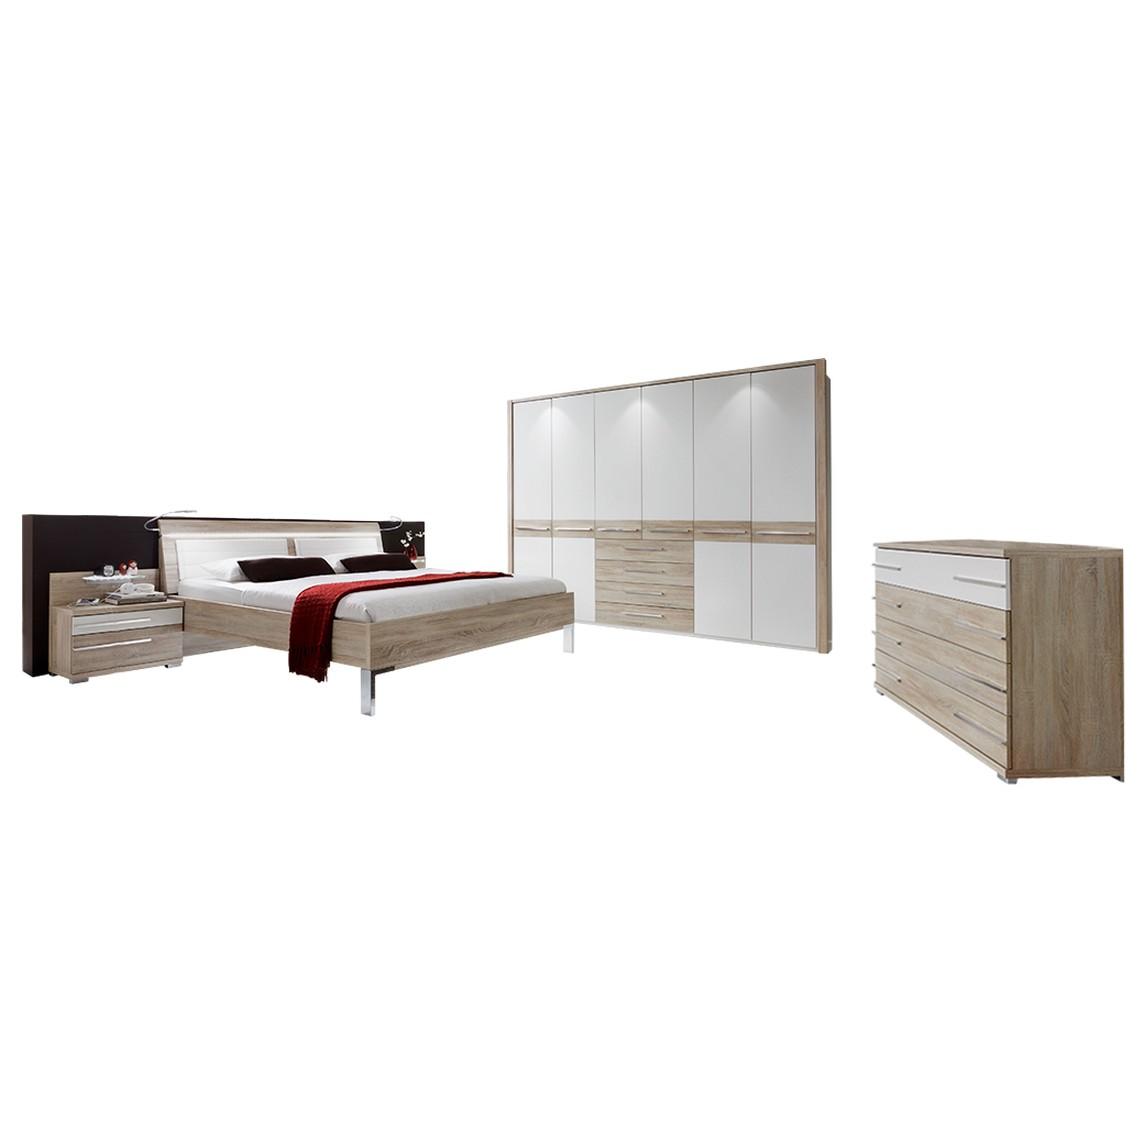 Schlafzimmer Pasadena – Weiß/Eiche sägerau – 94 cm x 189 cm x 222 cm, Althoff jetzt kaufen